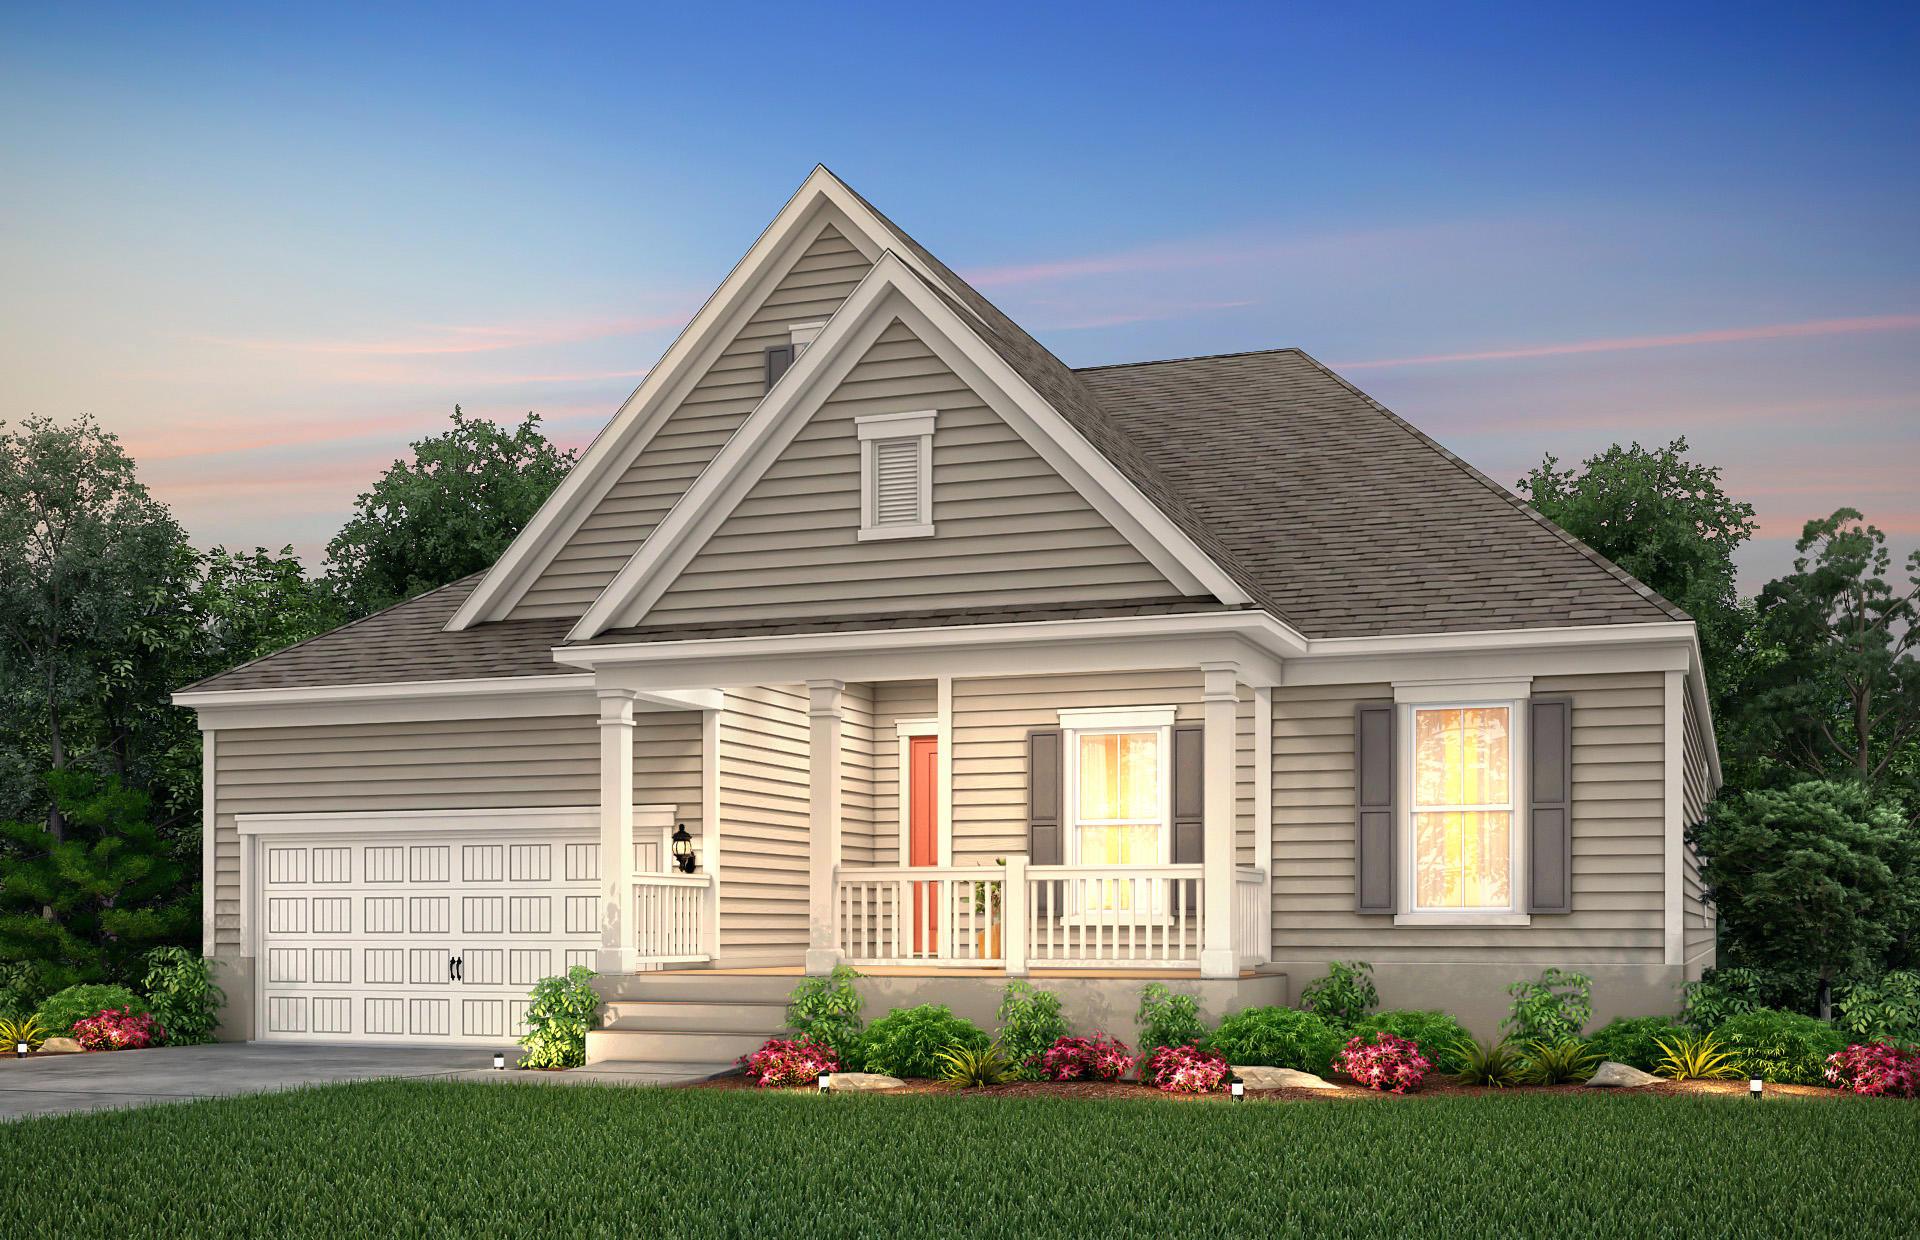 Dunes West Homes For Sale - 2661 Dutchman, Mount Pleasant, SC - 9